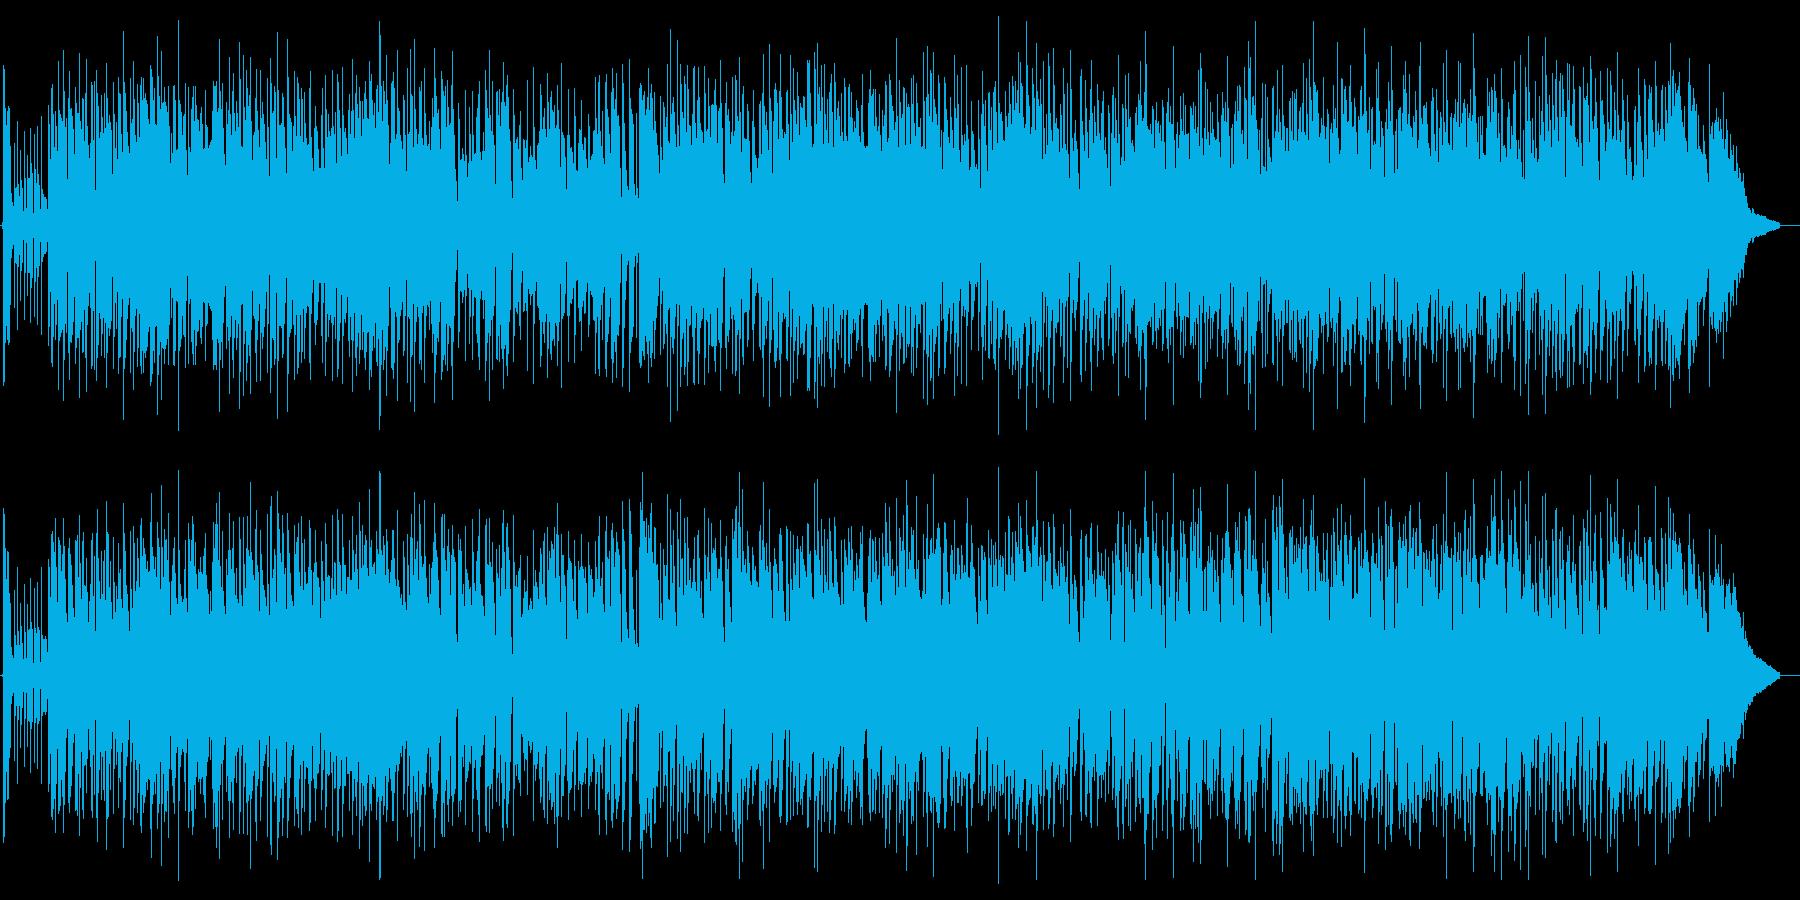 アコースティックで明るく爽やかな曲の再生済みの波形